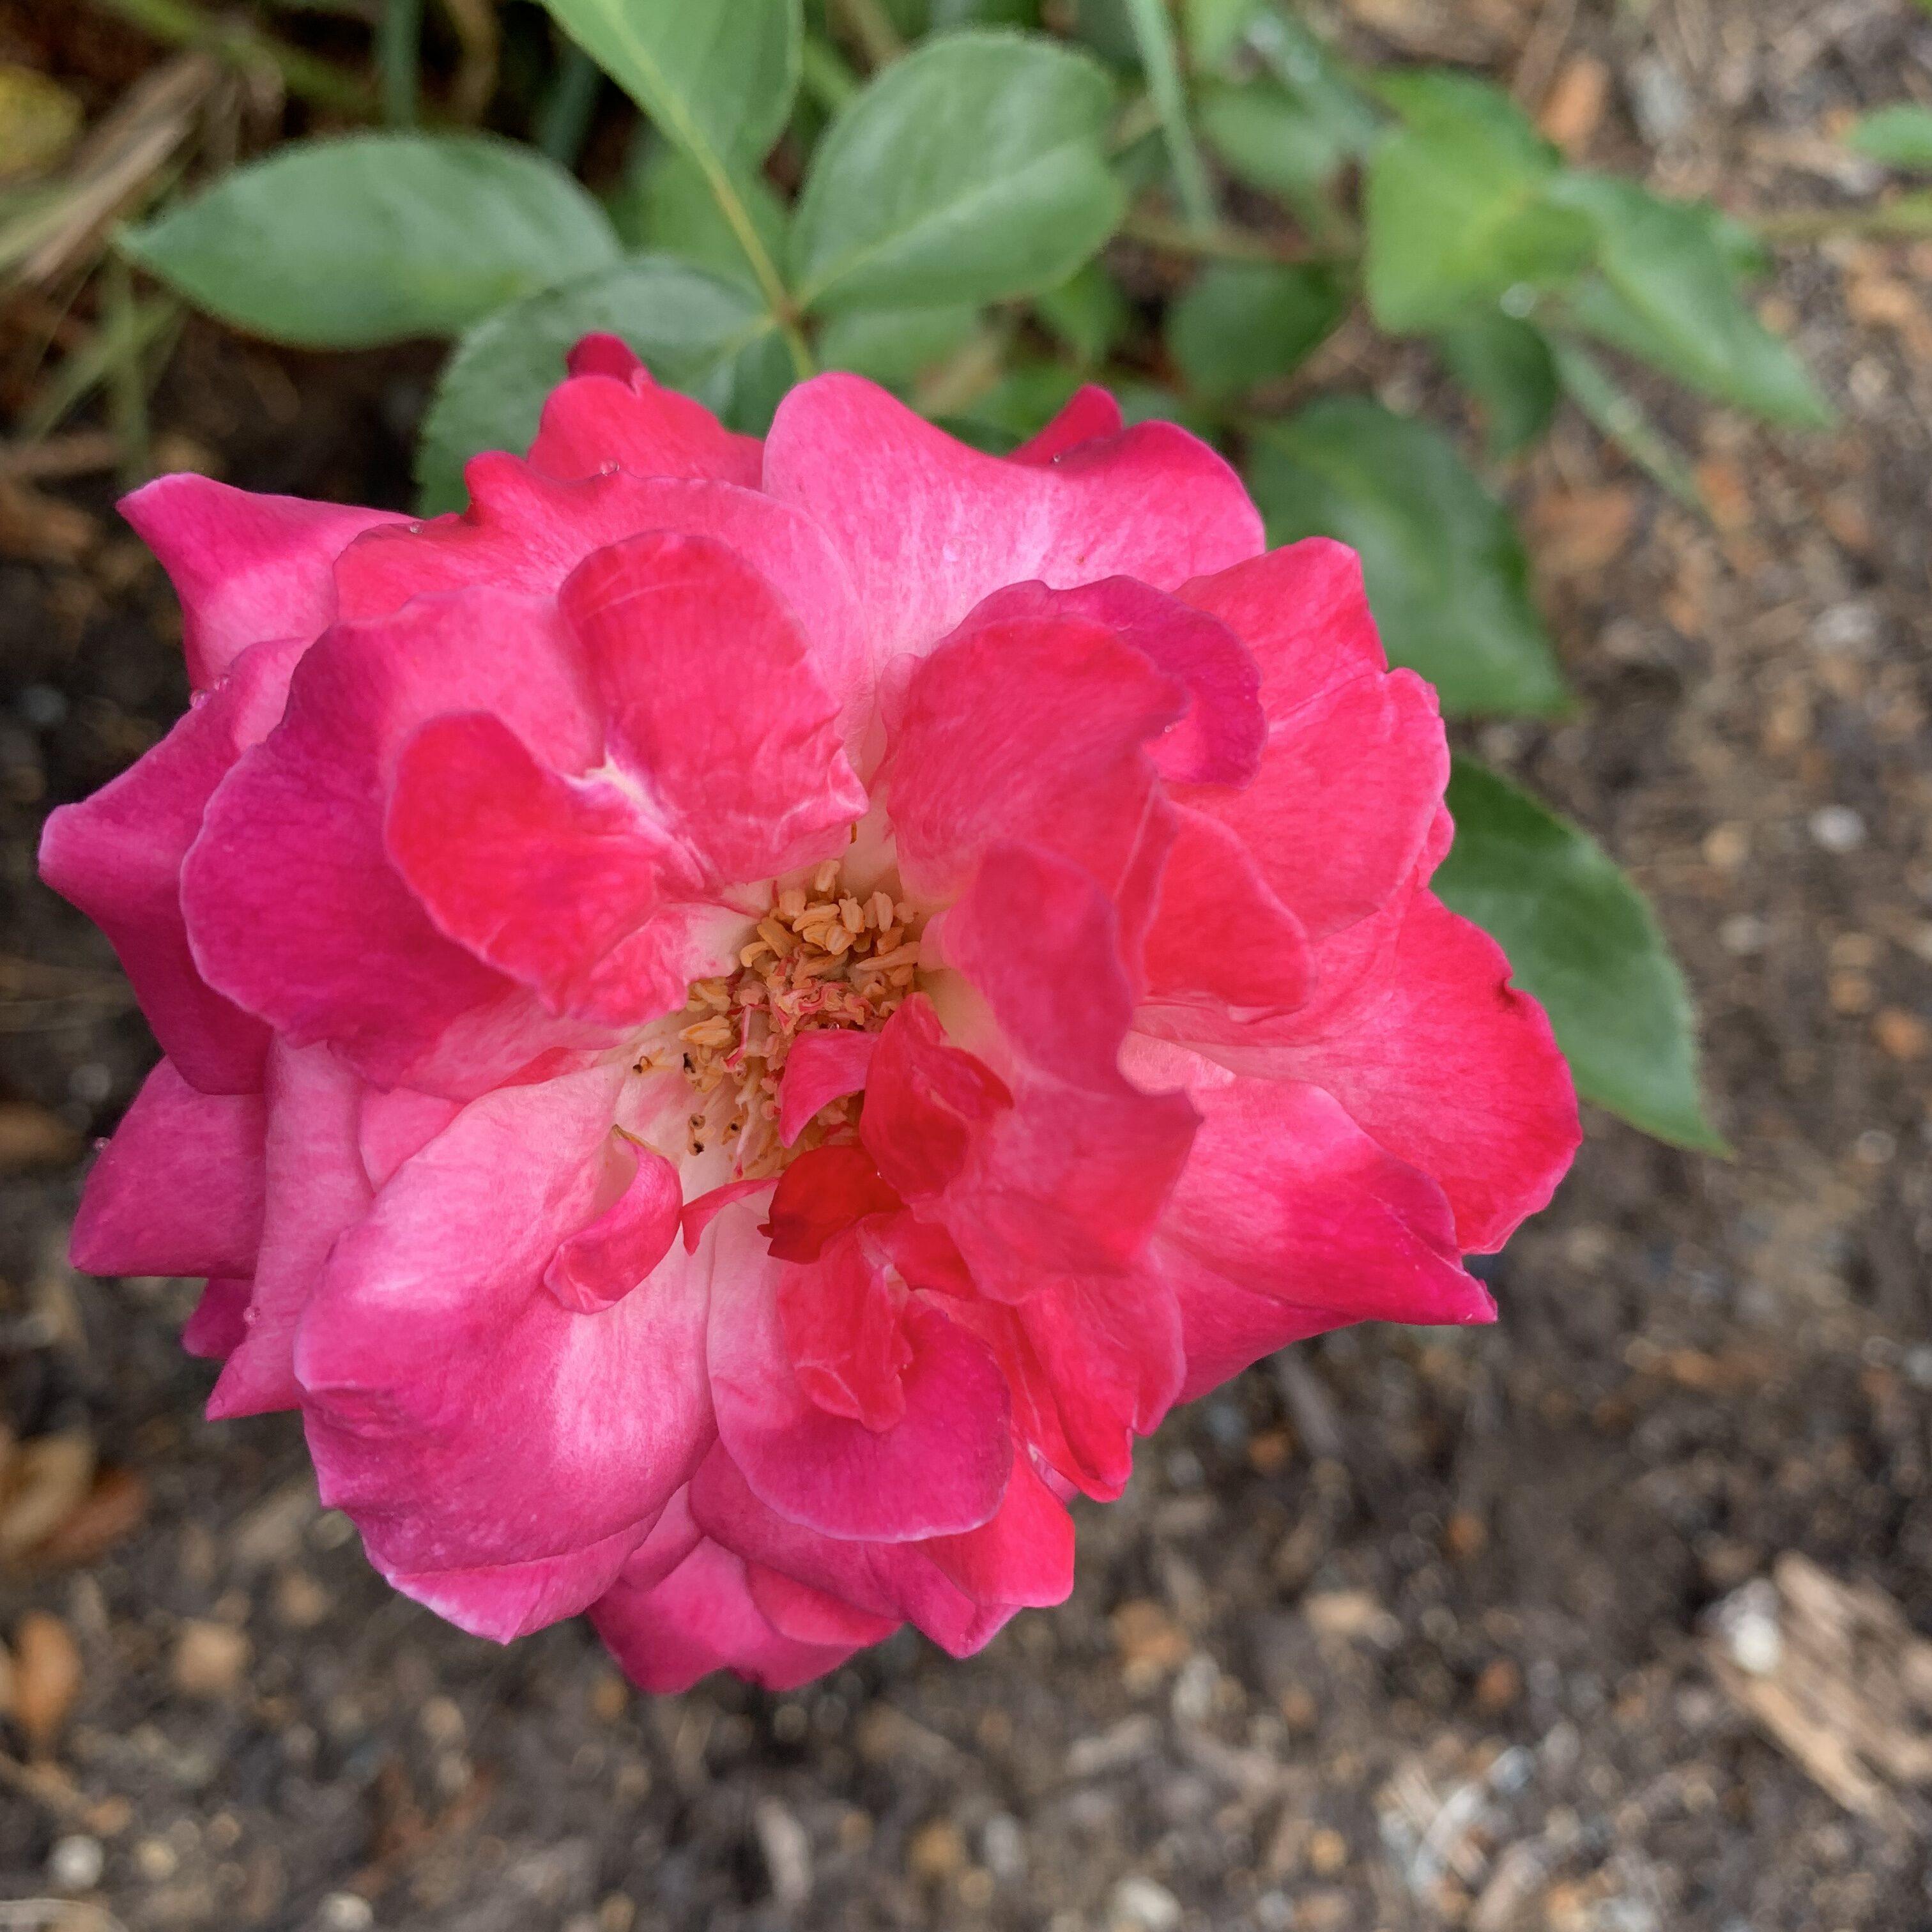 2FA8E3BE EDBF 4762 AF10 F8896D00D247 Roses